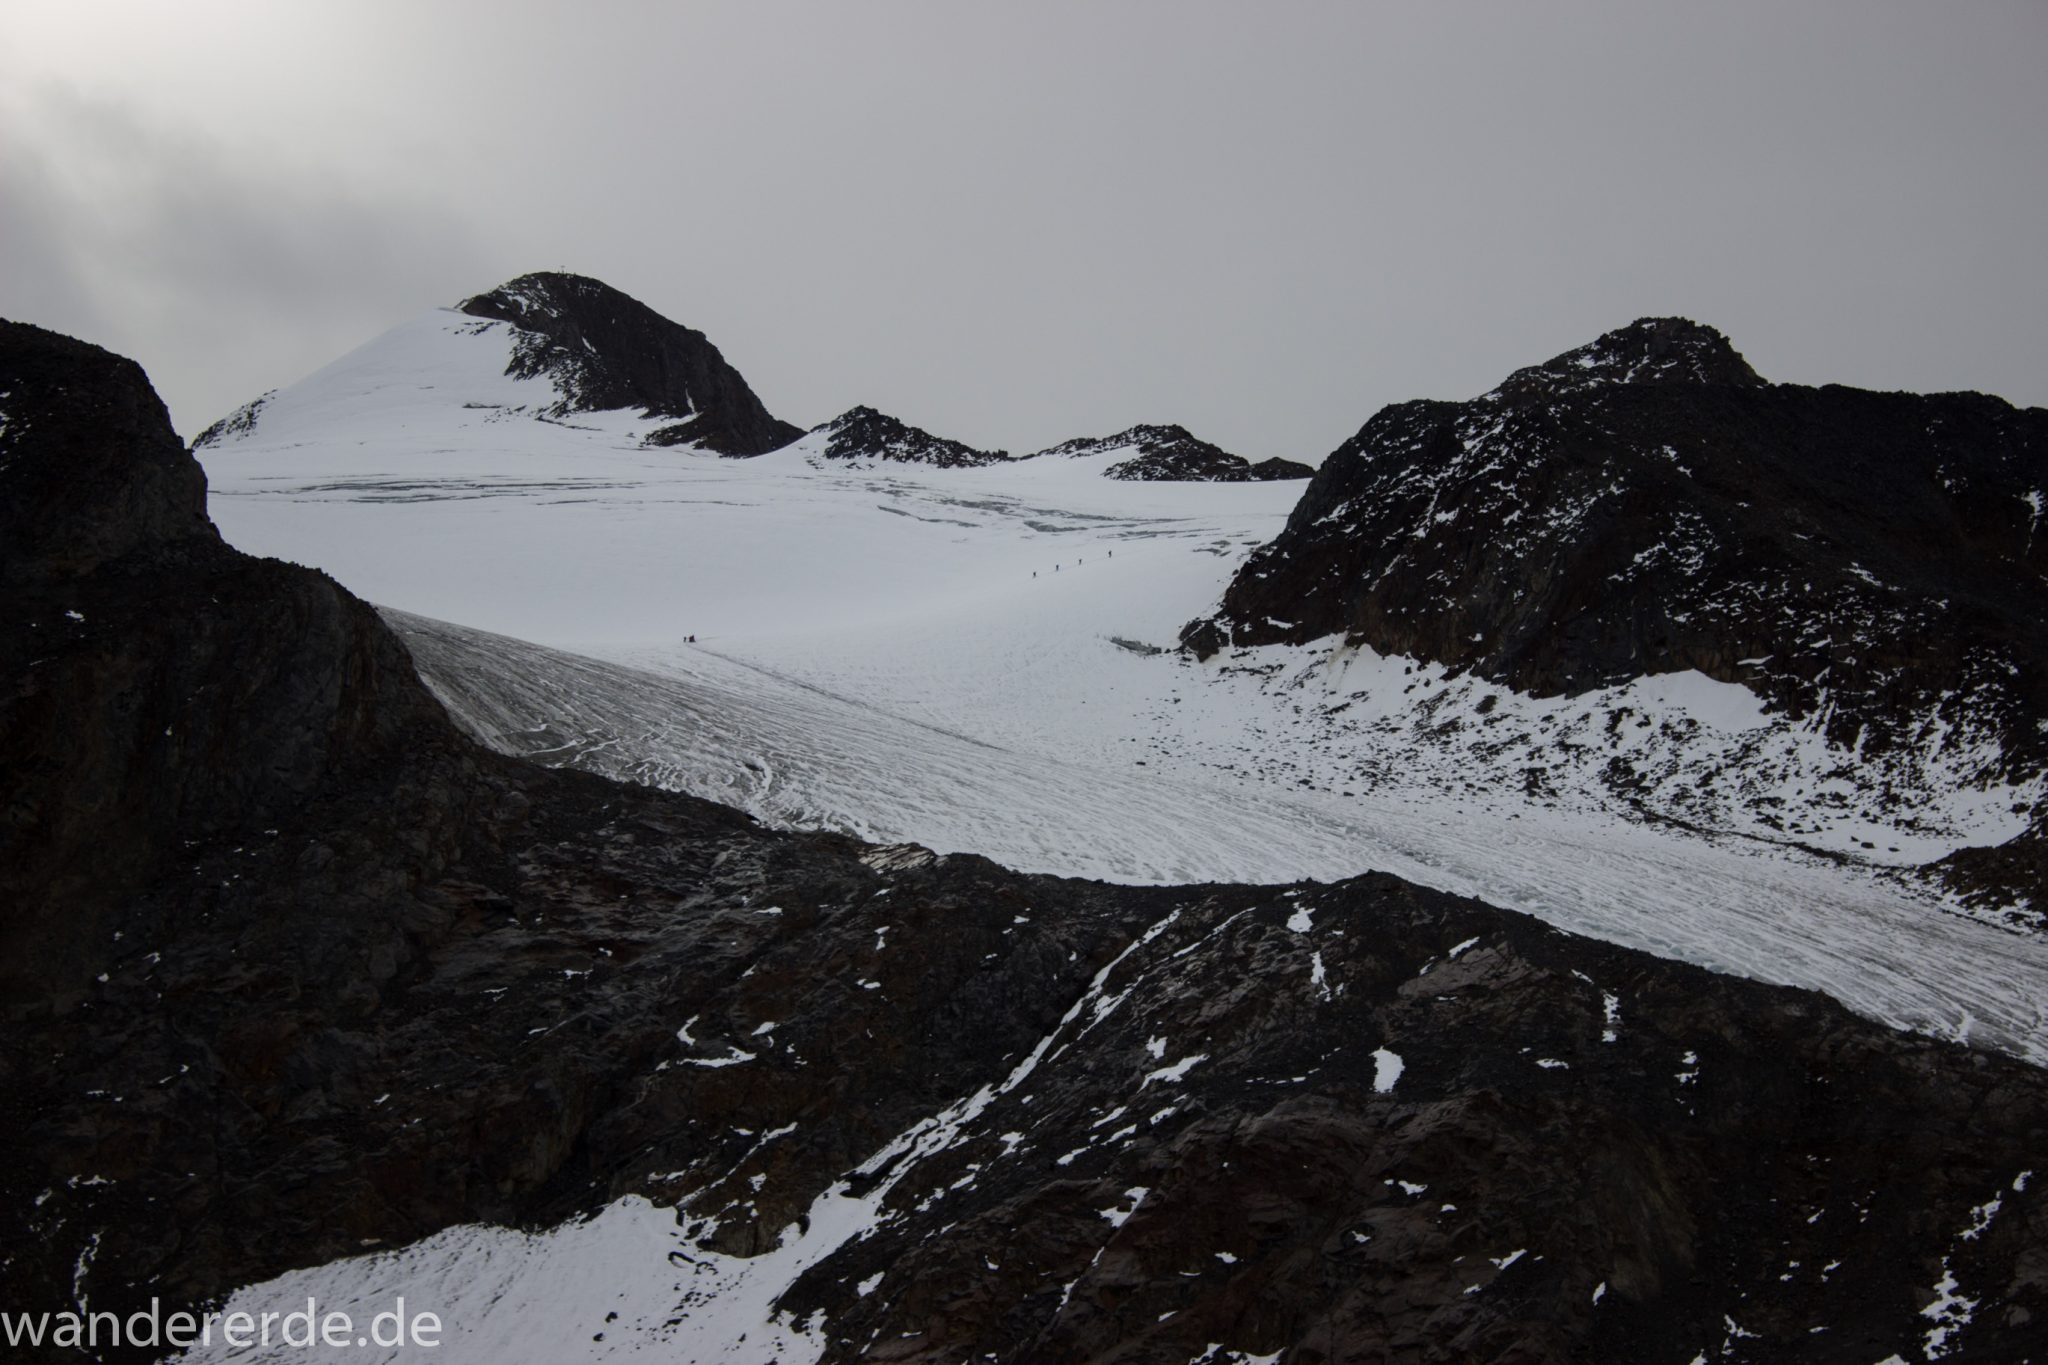 Alpenüberquerung Fernwanderweg E5 Oberstdorf Meran, 6. Etappe von Martin-Busch-Hütte nach Vernagt / Meran, die letzte Etappe der Alpenüberquerung auf dem E5 startet mit dem Aufstieg zur Similaun-Hütte, dem höchsten Punkt der gesamten Alpenüberquerung, umliegende sehr beeindruckende Bergwelt erscheint unwirklich und mystisch, Berghänge mit viel Geröll, Wanderweg verläuft steil bergauf, Blick auf Wanderer die zum Gipfel des Similaun Berges wandern über Schneefelder, nicht Teil des E5